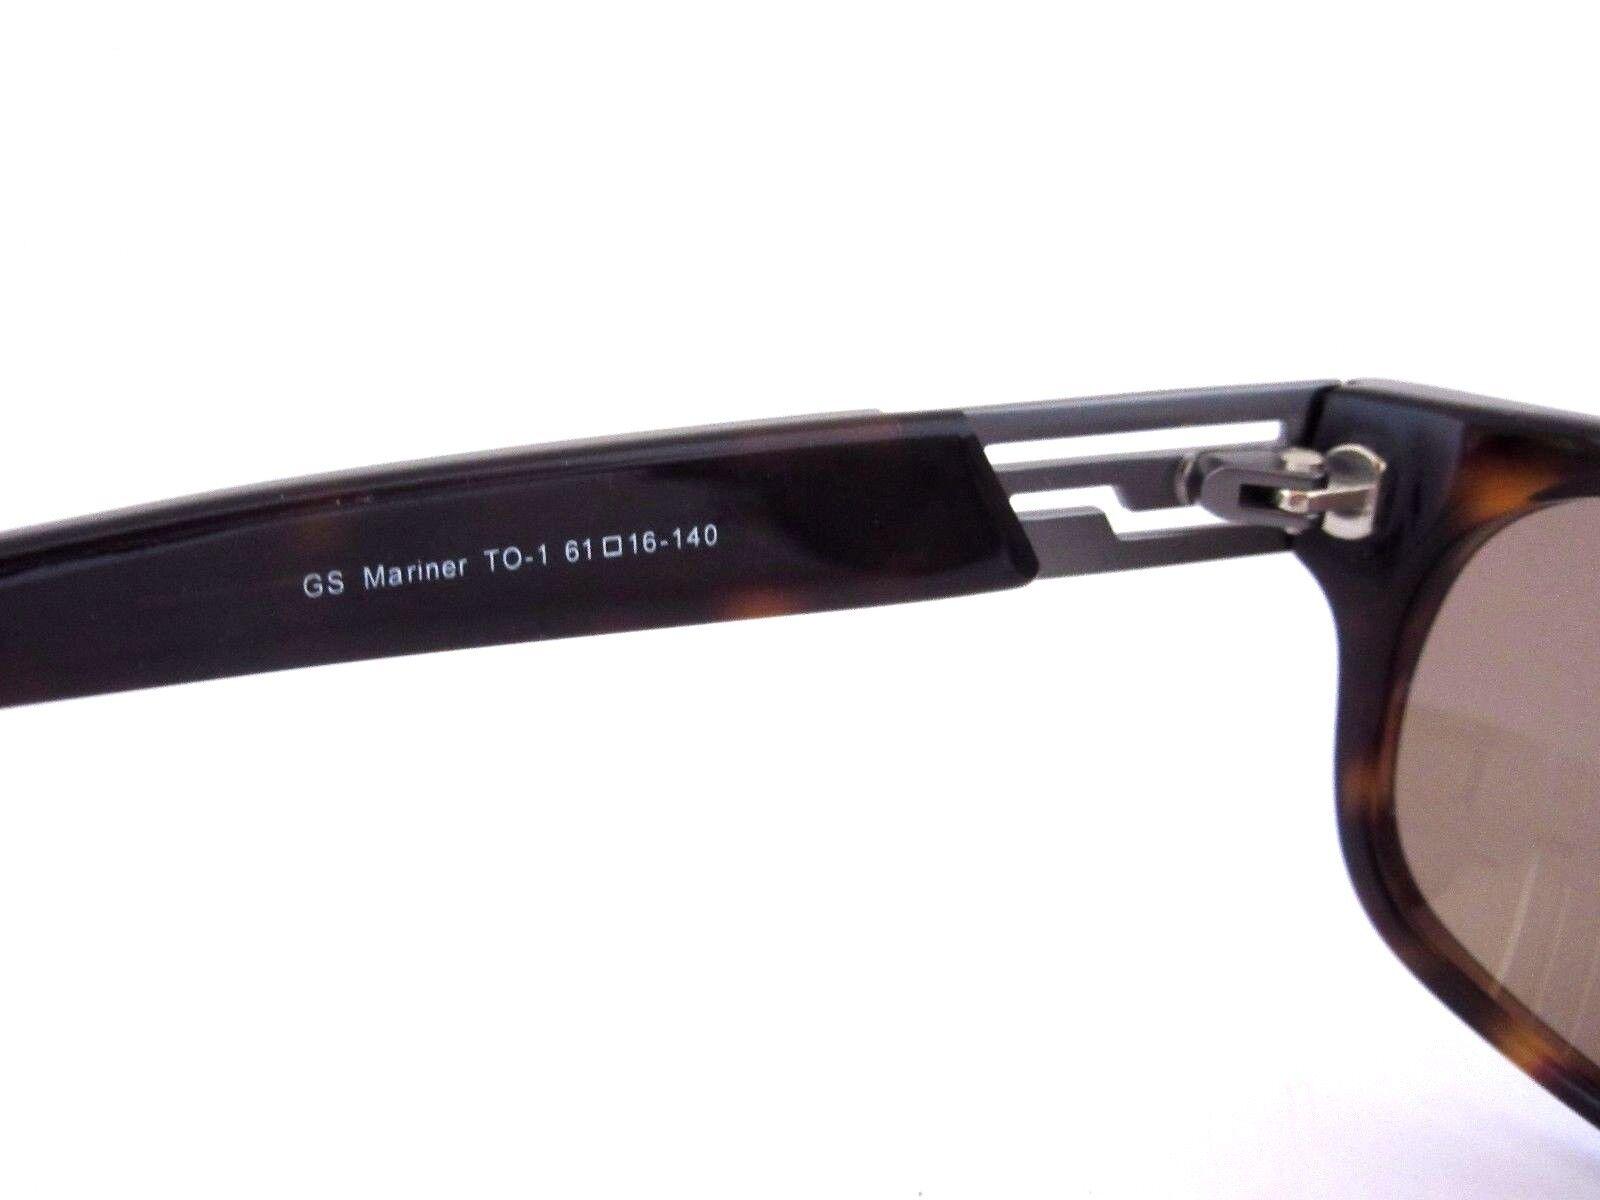 5e4d43494 GANT GS Mariner To-1 61-16-140 Sunglasses for Men Tortoise Authentic NOS  for sale online | eBay